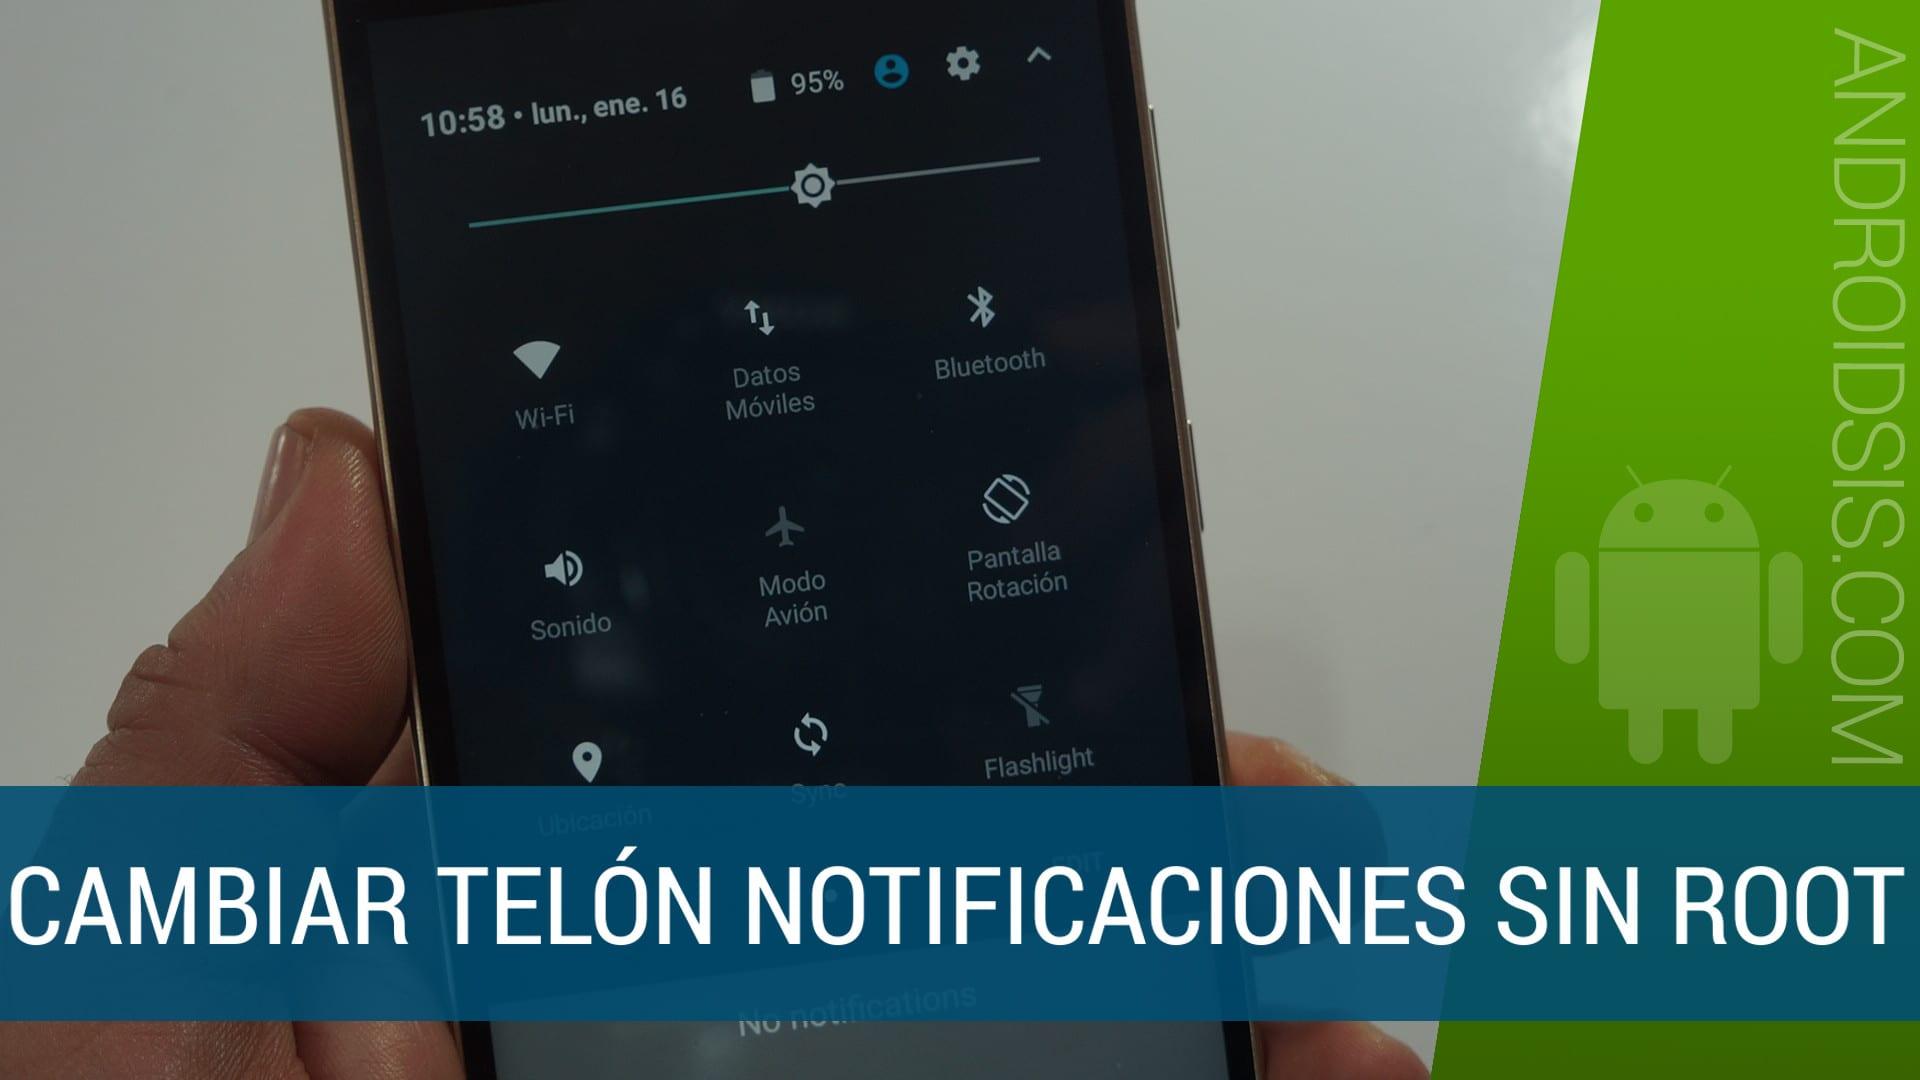 Cómo cambiar el telón de notificaciones de Android sin Root